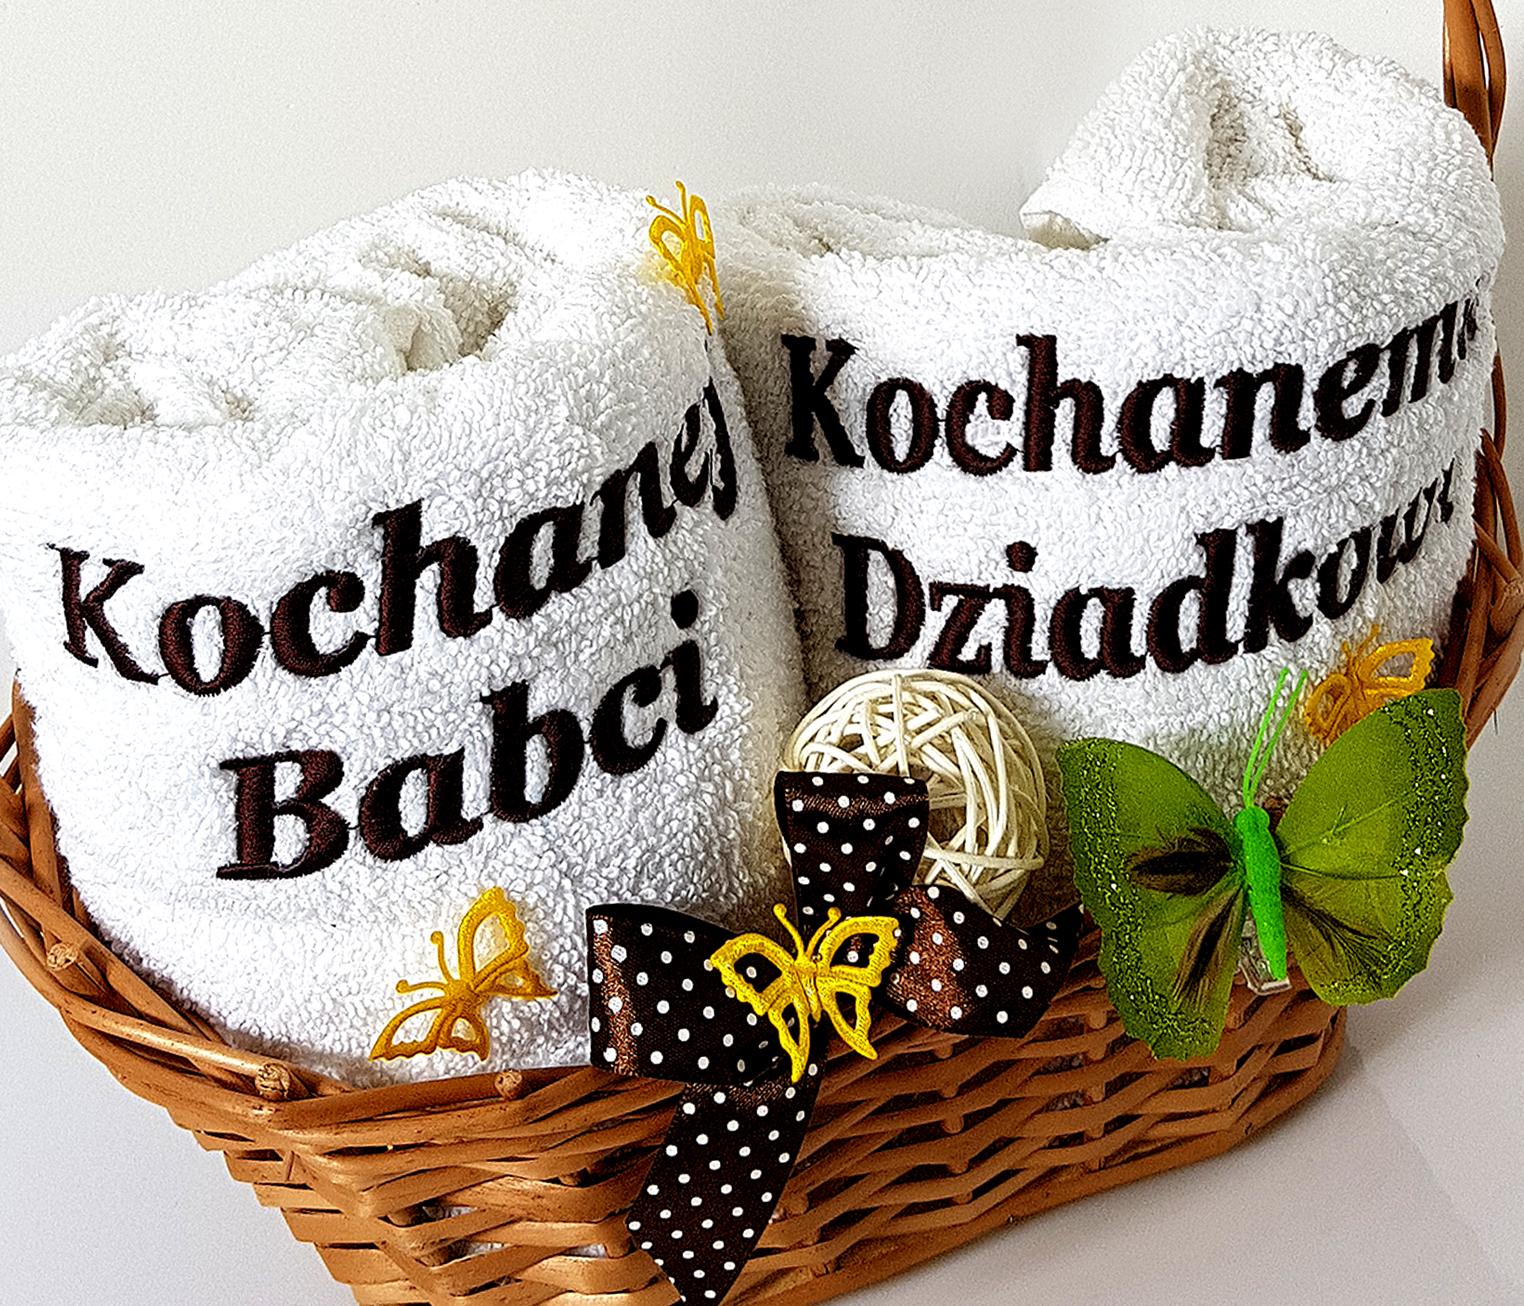 kosze dla dziadków z ręcznikami kochanej babci kochanemu dziadkowi